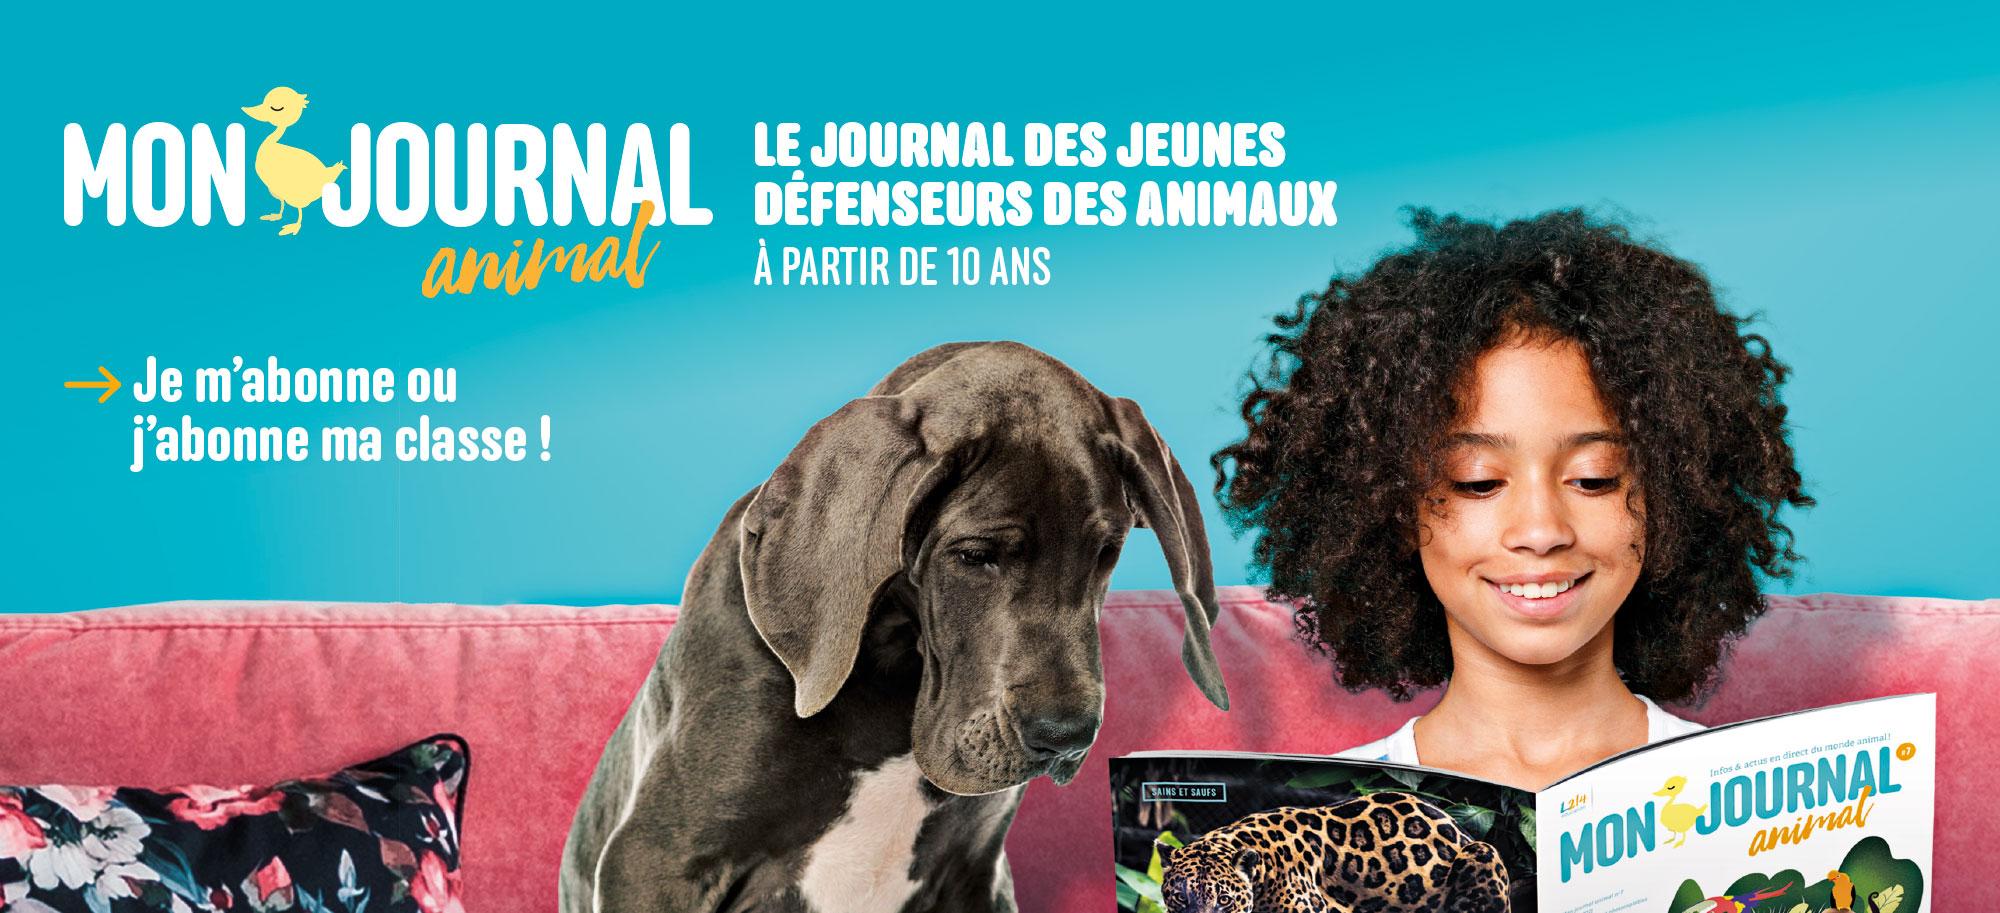 Abonnement à Mon journal animal, le journal des jeunes amis et défenseurs des animaux : je m'abonne